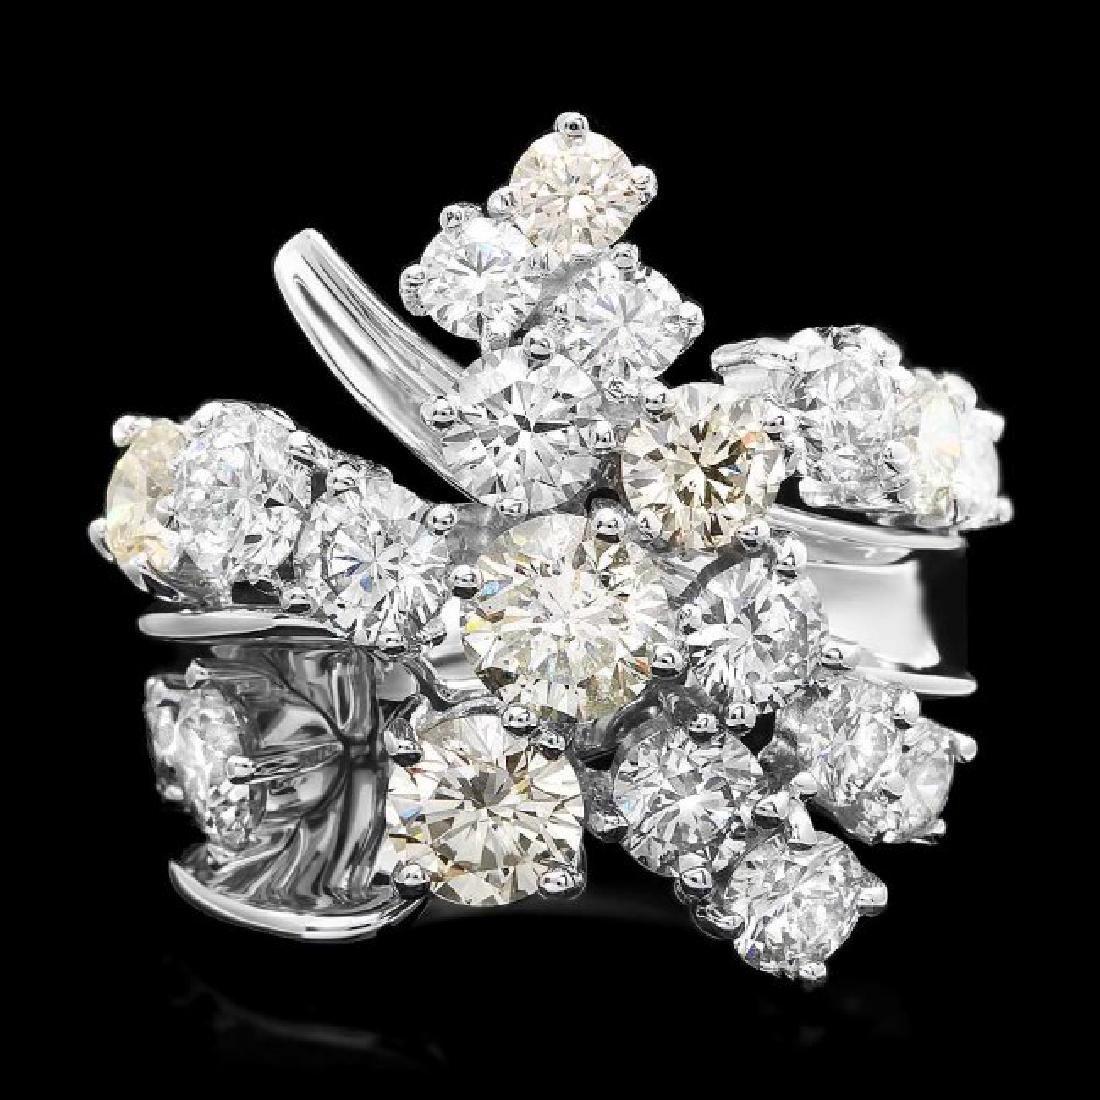 14k White Gold 5.20ct Diamond Ring